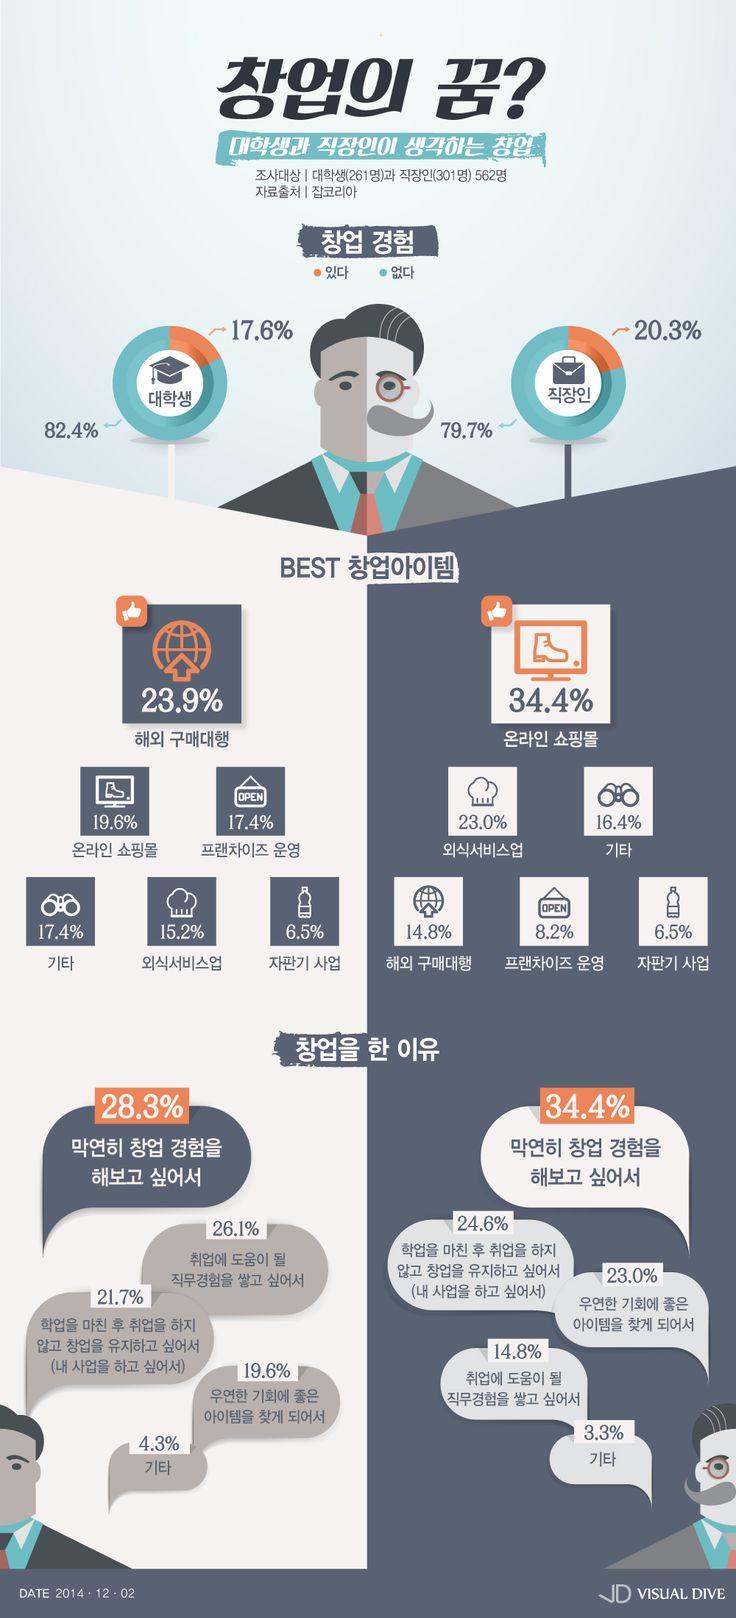 대학생과 직장인이 관심 갖는 창업분야는? [인포그래픽] #startup / #Infographic ⓒ 비주얼다이브 무단 복사·전재·재배포 금지